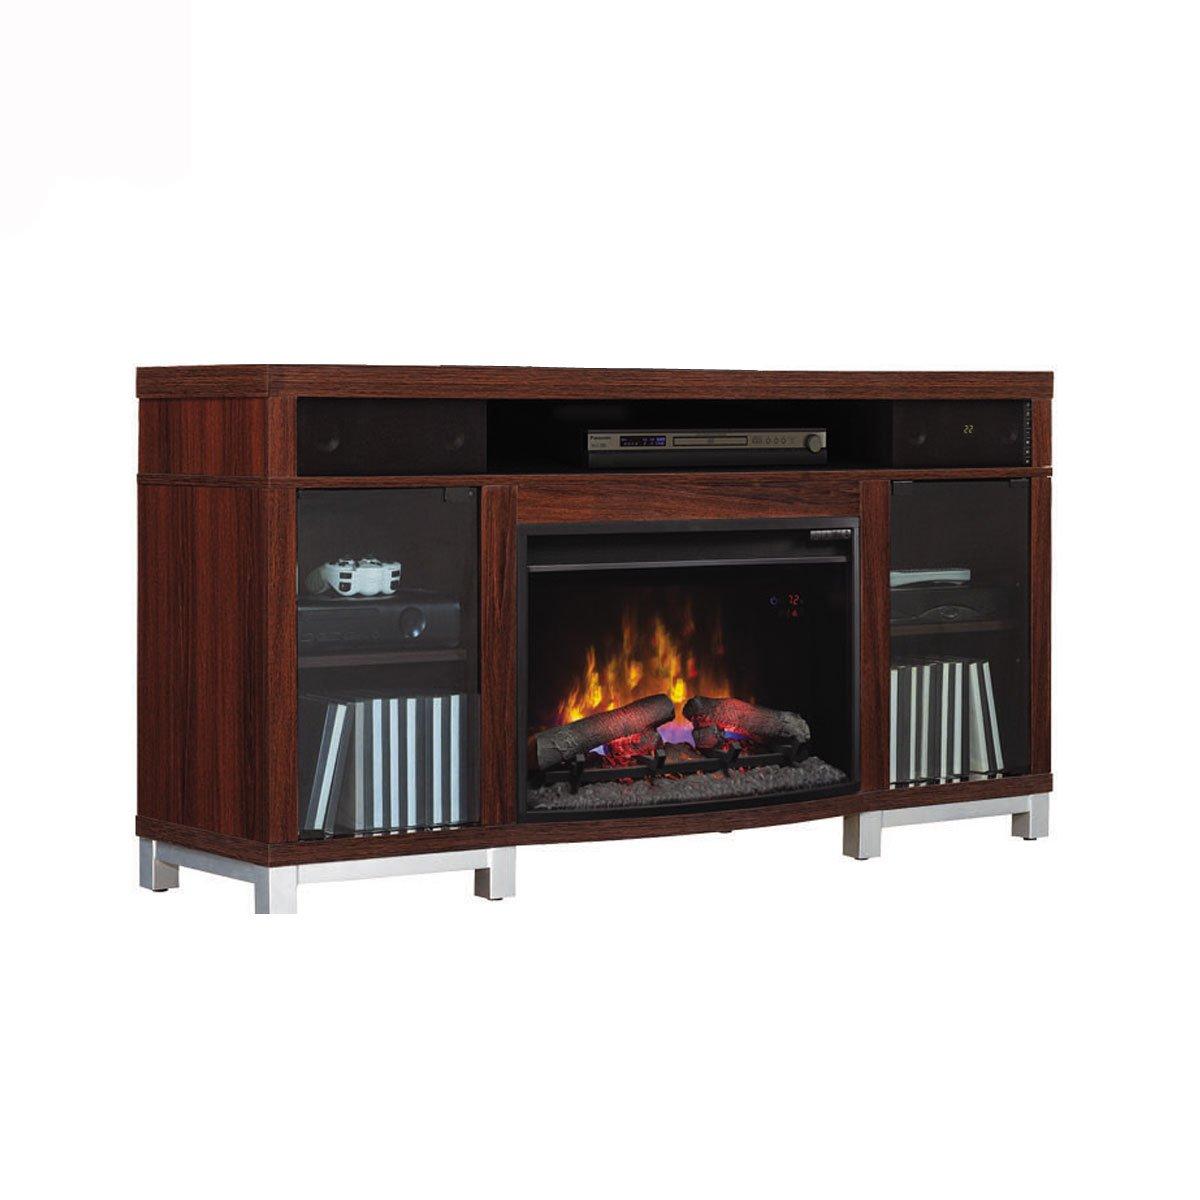 Muebles de chimenea mueble de tv con chimenea mueble - Muebles de salon con chimenea integrada ...